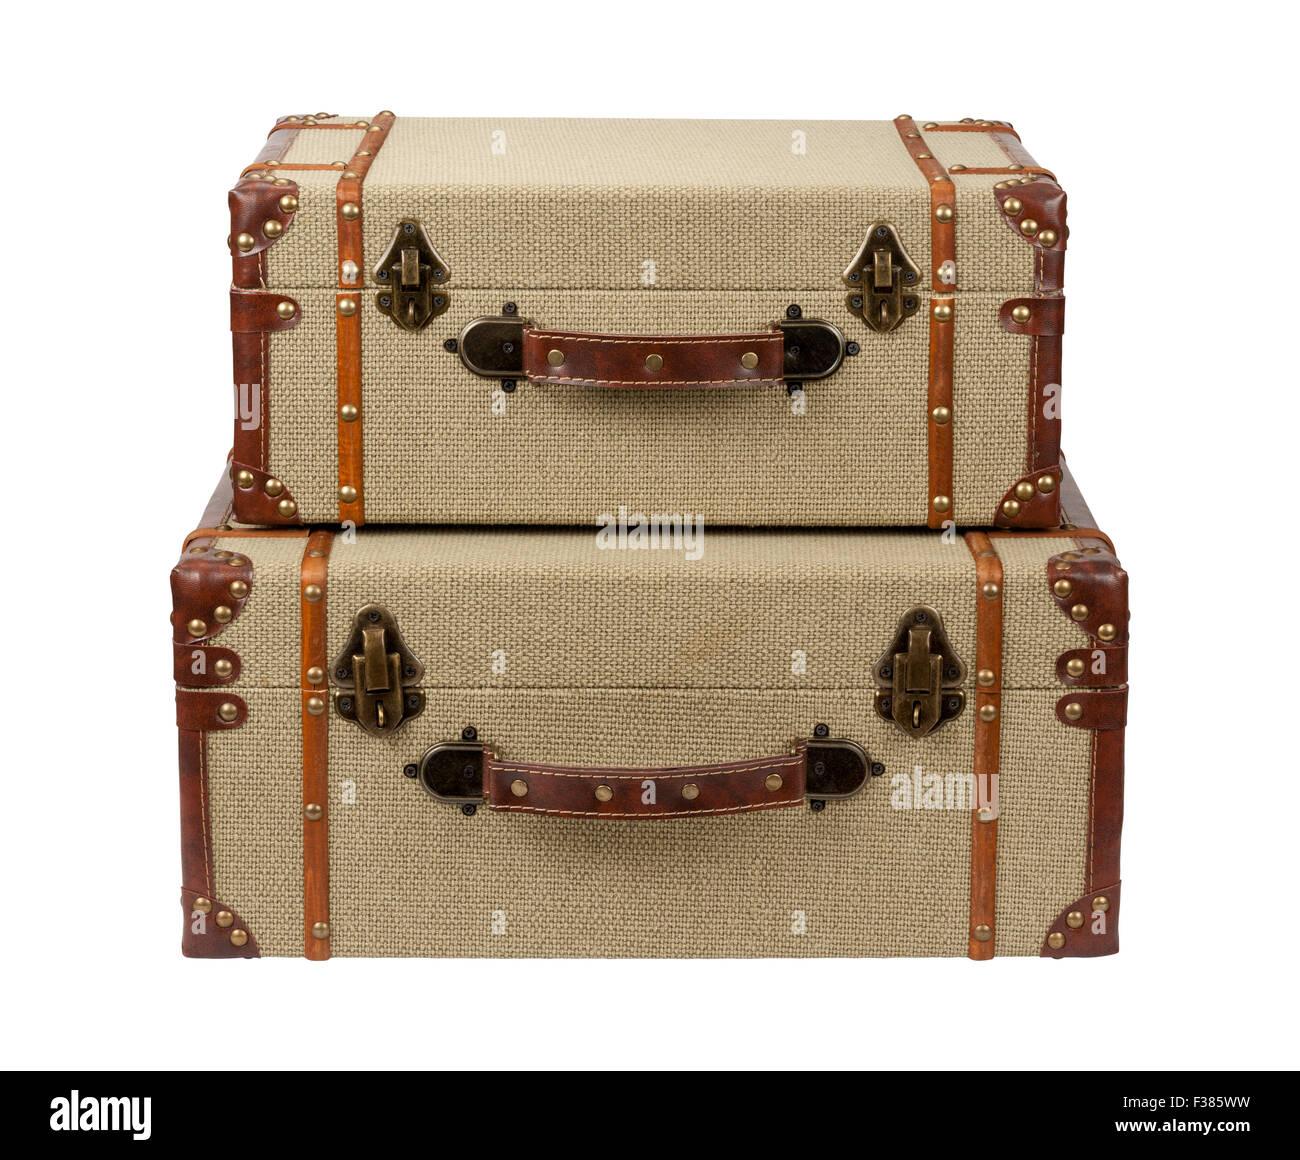 Impilati Deco legno tela valigie Immagini Stock